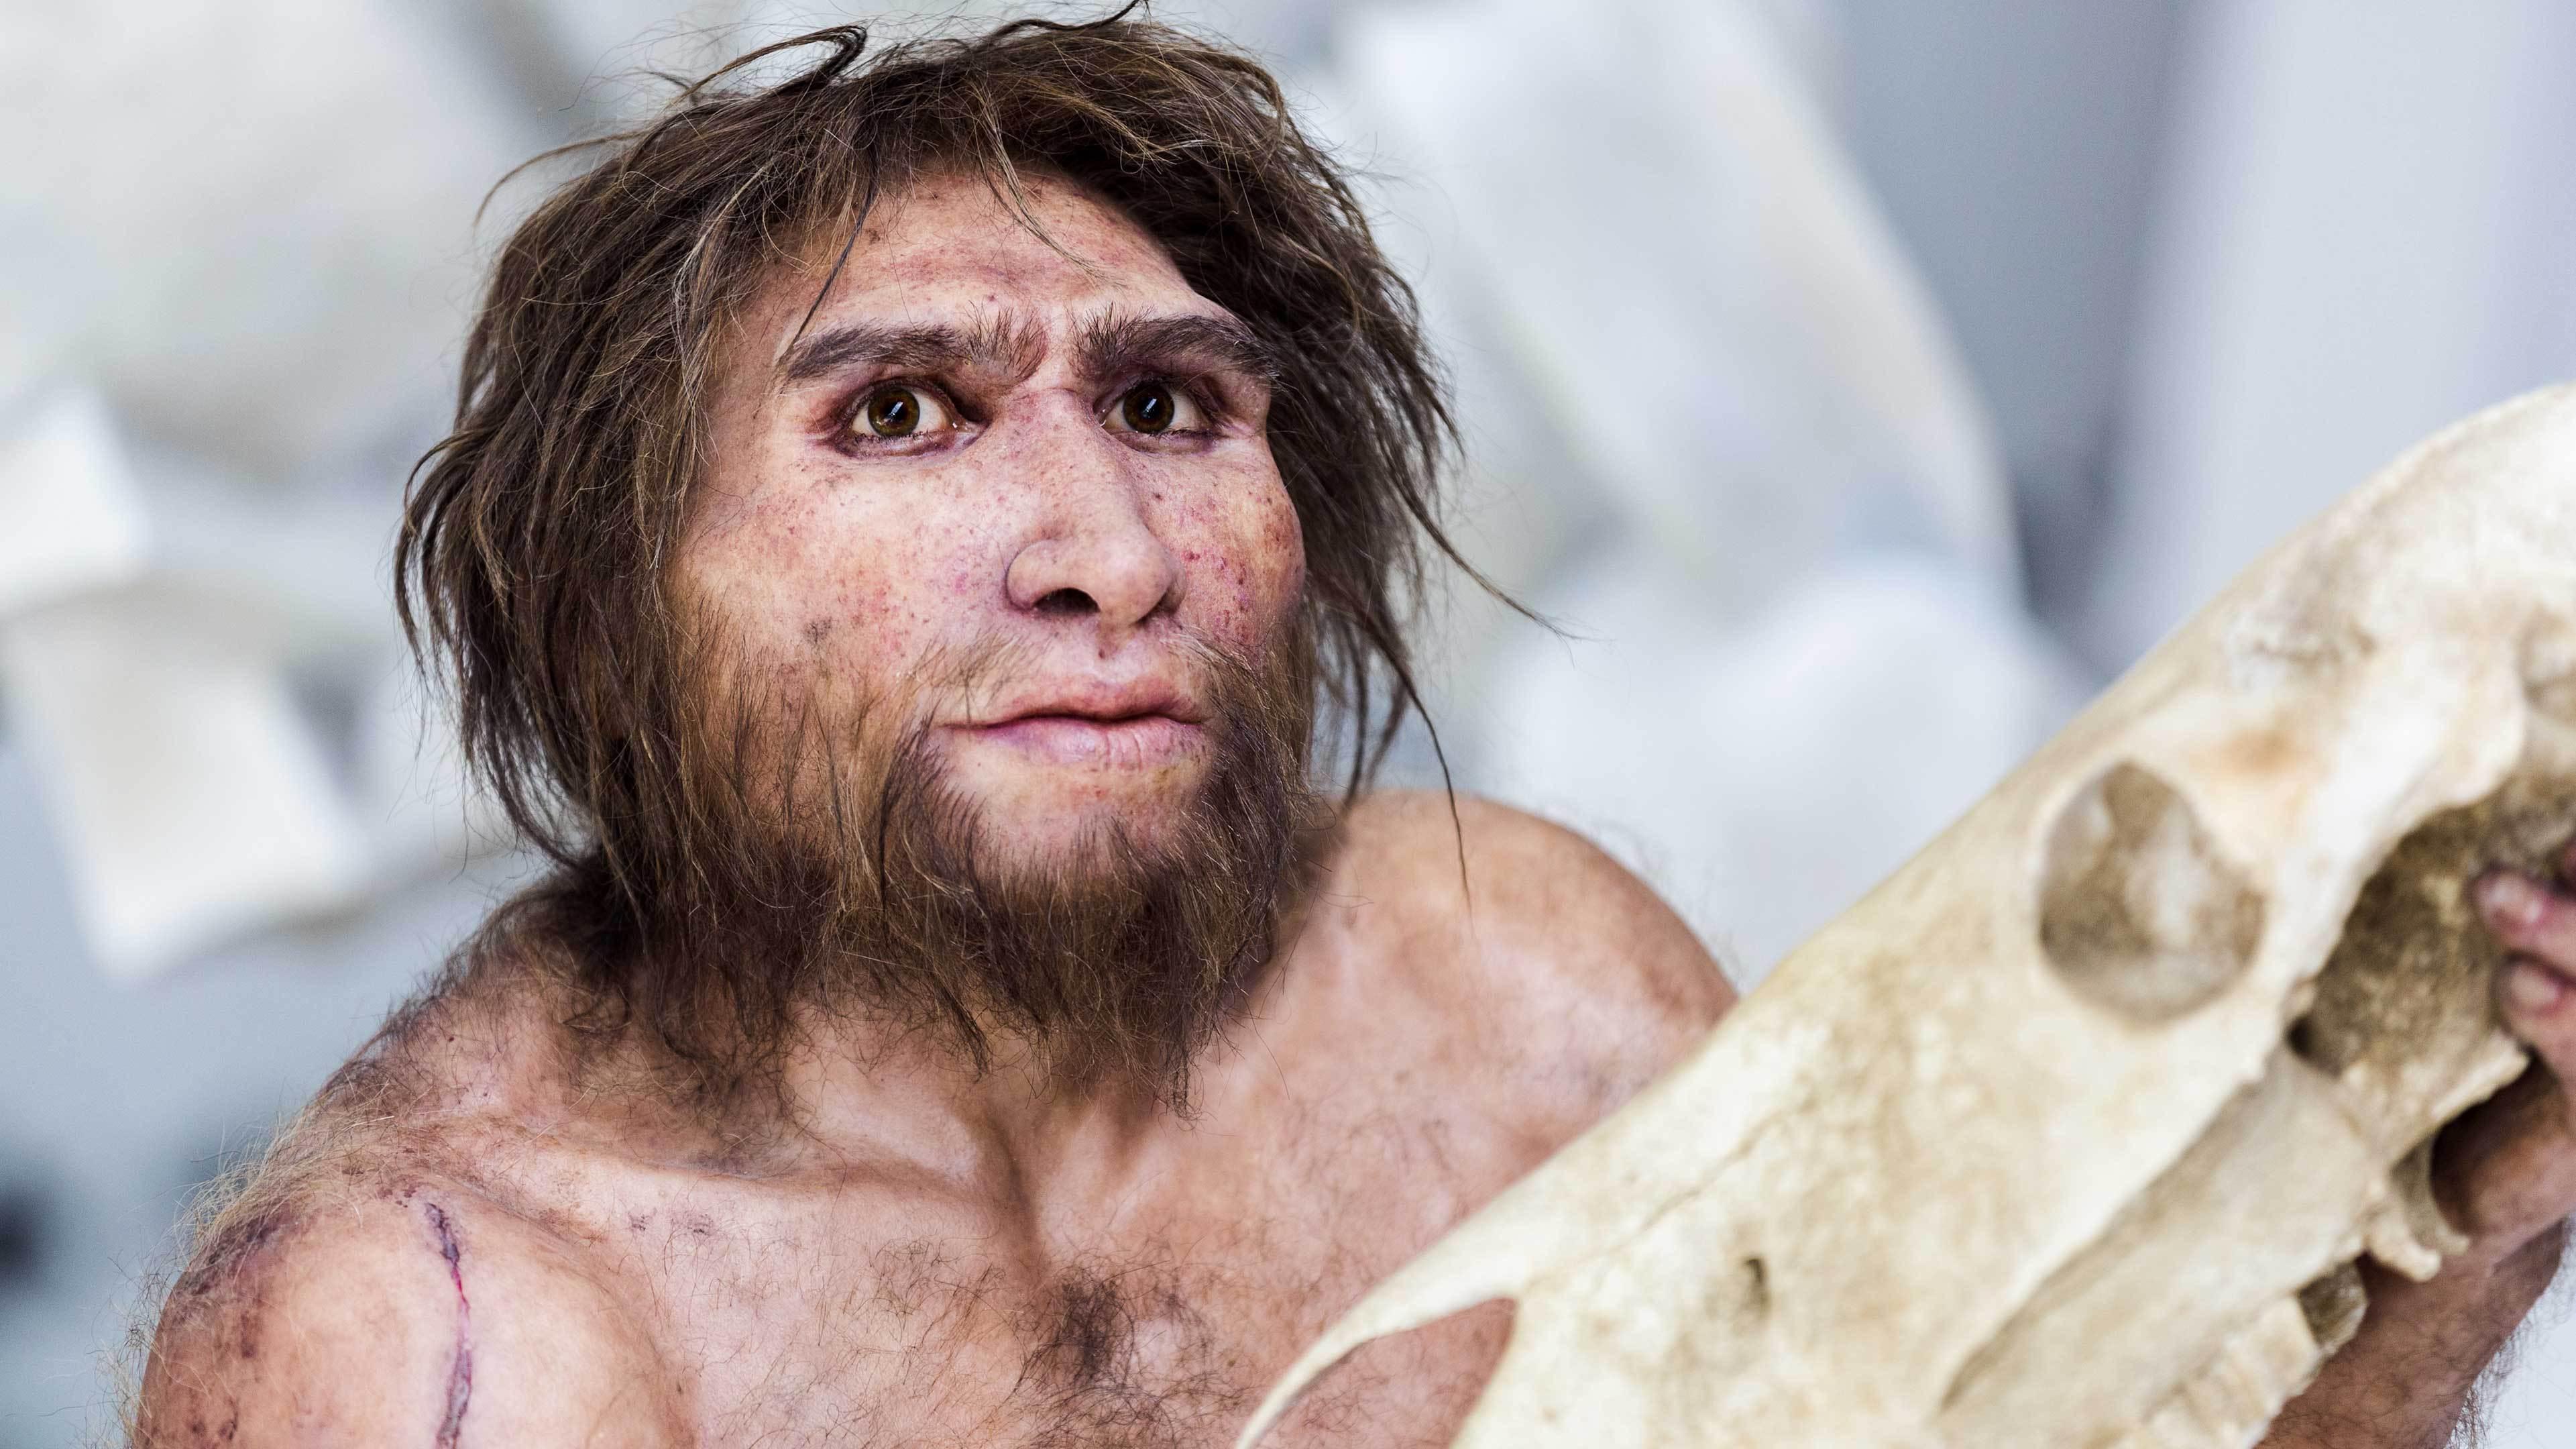 Древние люди могли впадать в спячку, чтобы пережить холода